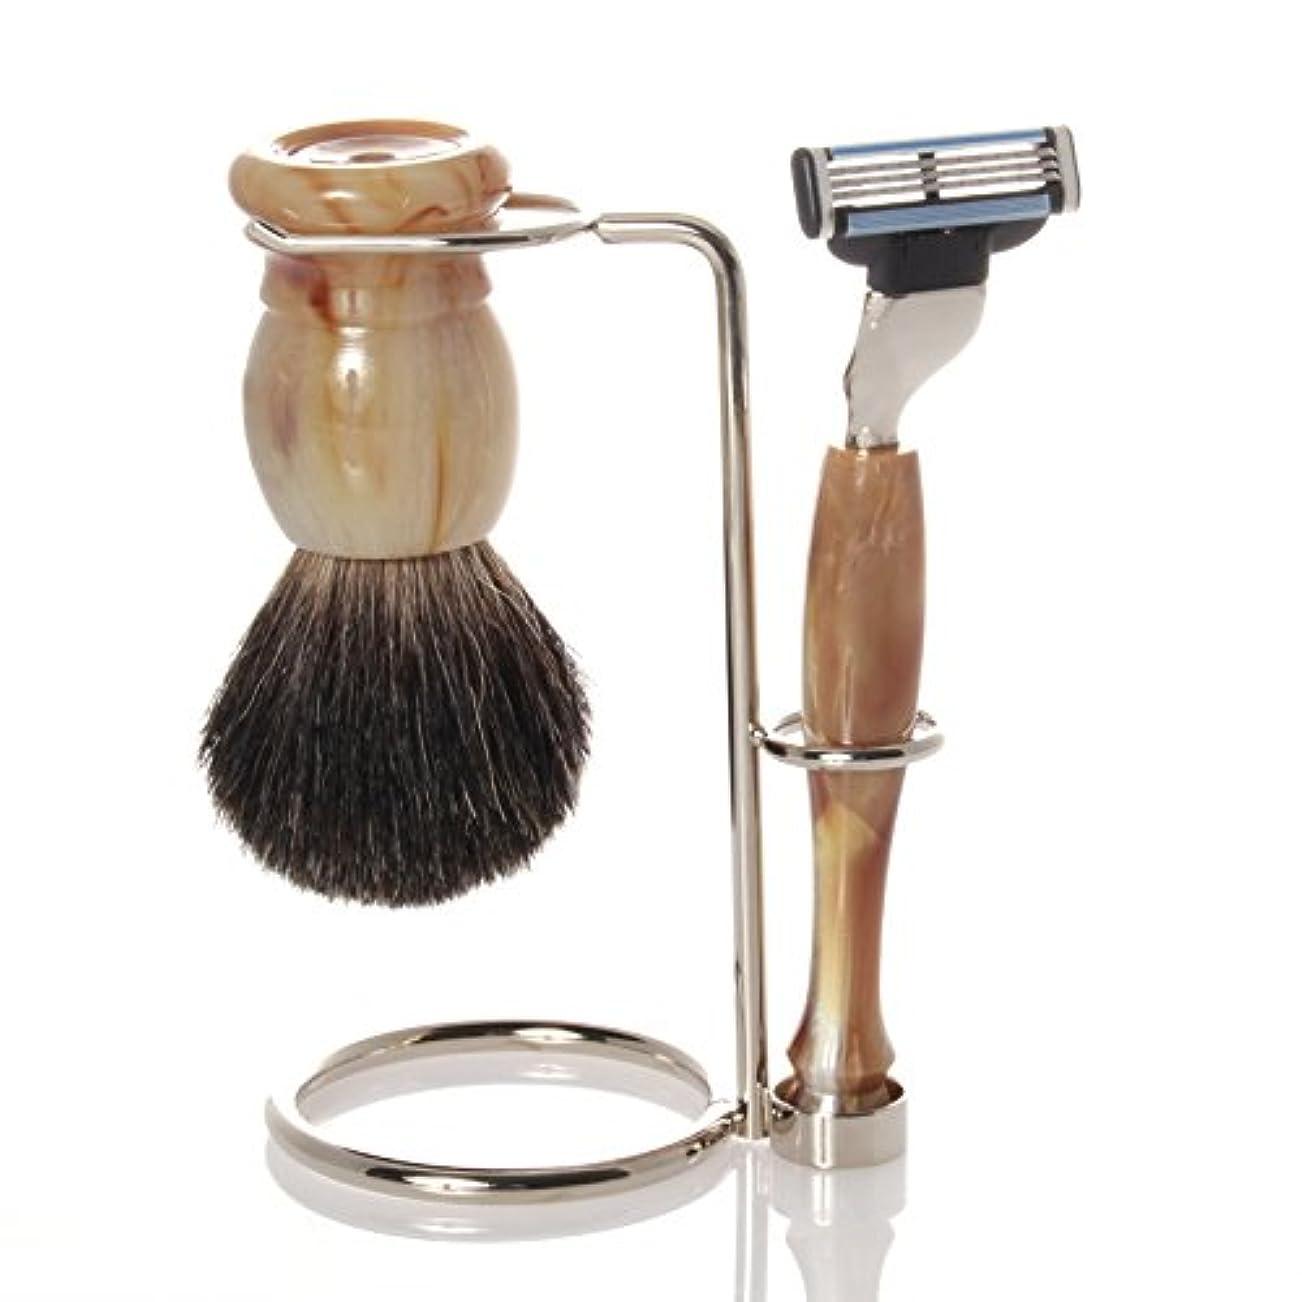 どっち運命的な教授髭剃りセット、ホルダー、グレー?オジャー?ブラシ、カミソリ- Hans Baier Exclusive